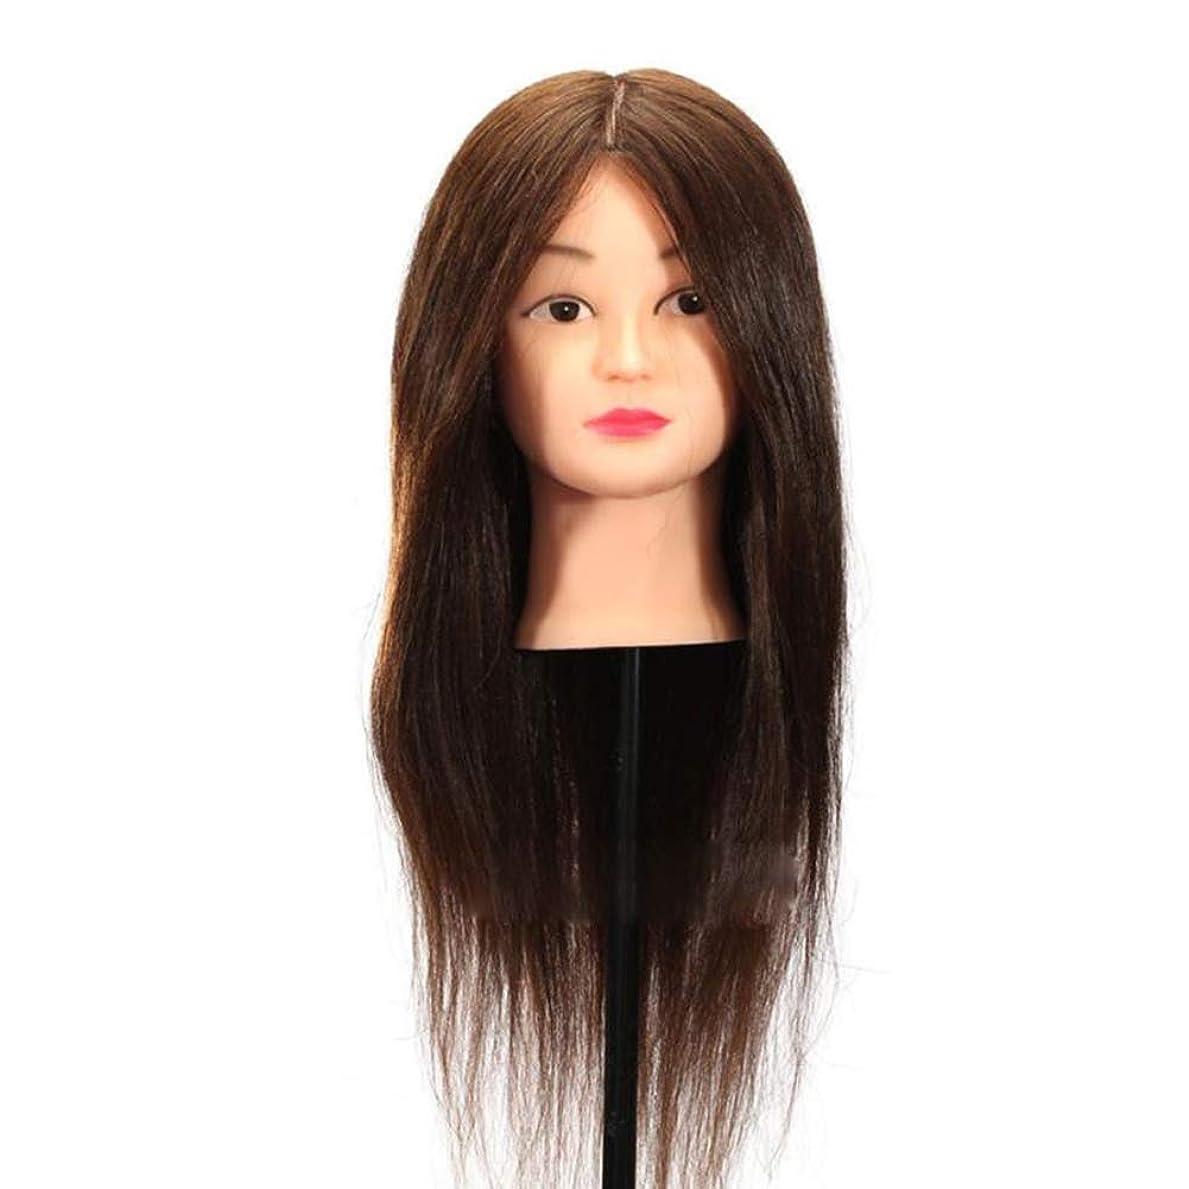 辛な粘土恐怖ヘアマネキンヘッド練習ディスク髪編組ヘッドモデル理髪店学校教育かつらヘッドバンドブラケット